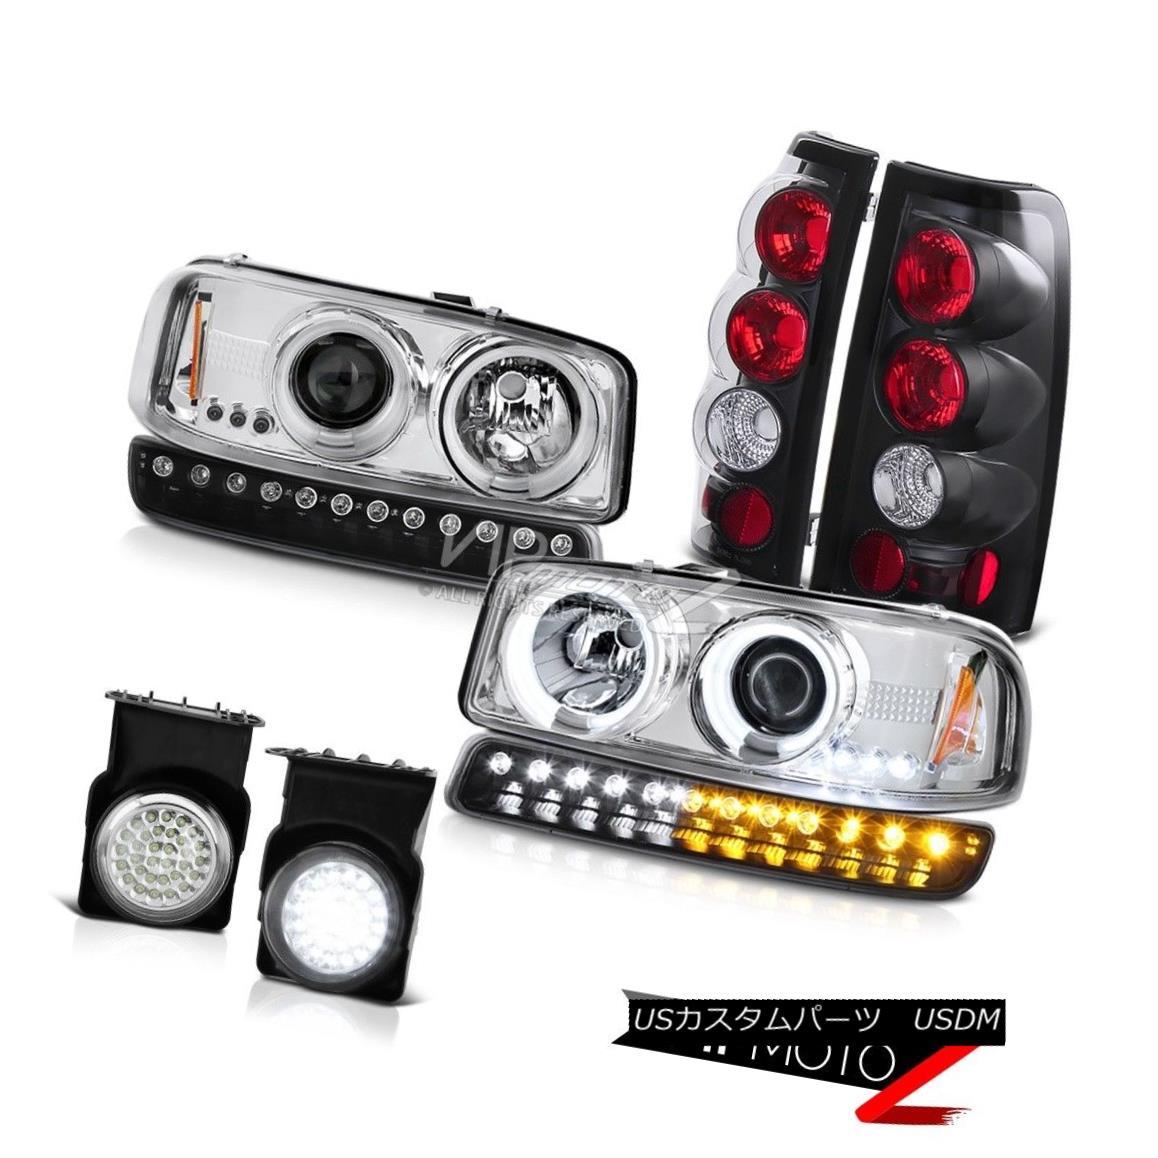 ヘッドライト 03-06 Sierra C3 Fog lights raven black parking brake bumper light ccfl Headlamps 03-06シエラC3フォグライバルブラックパーキングブレーキバンパーライトccflヘッドランプ